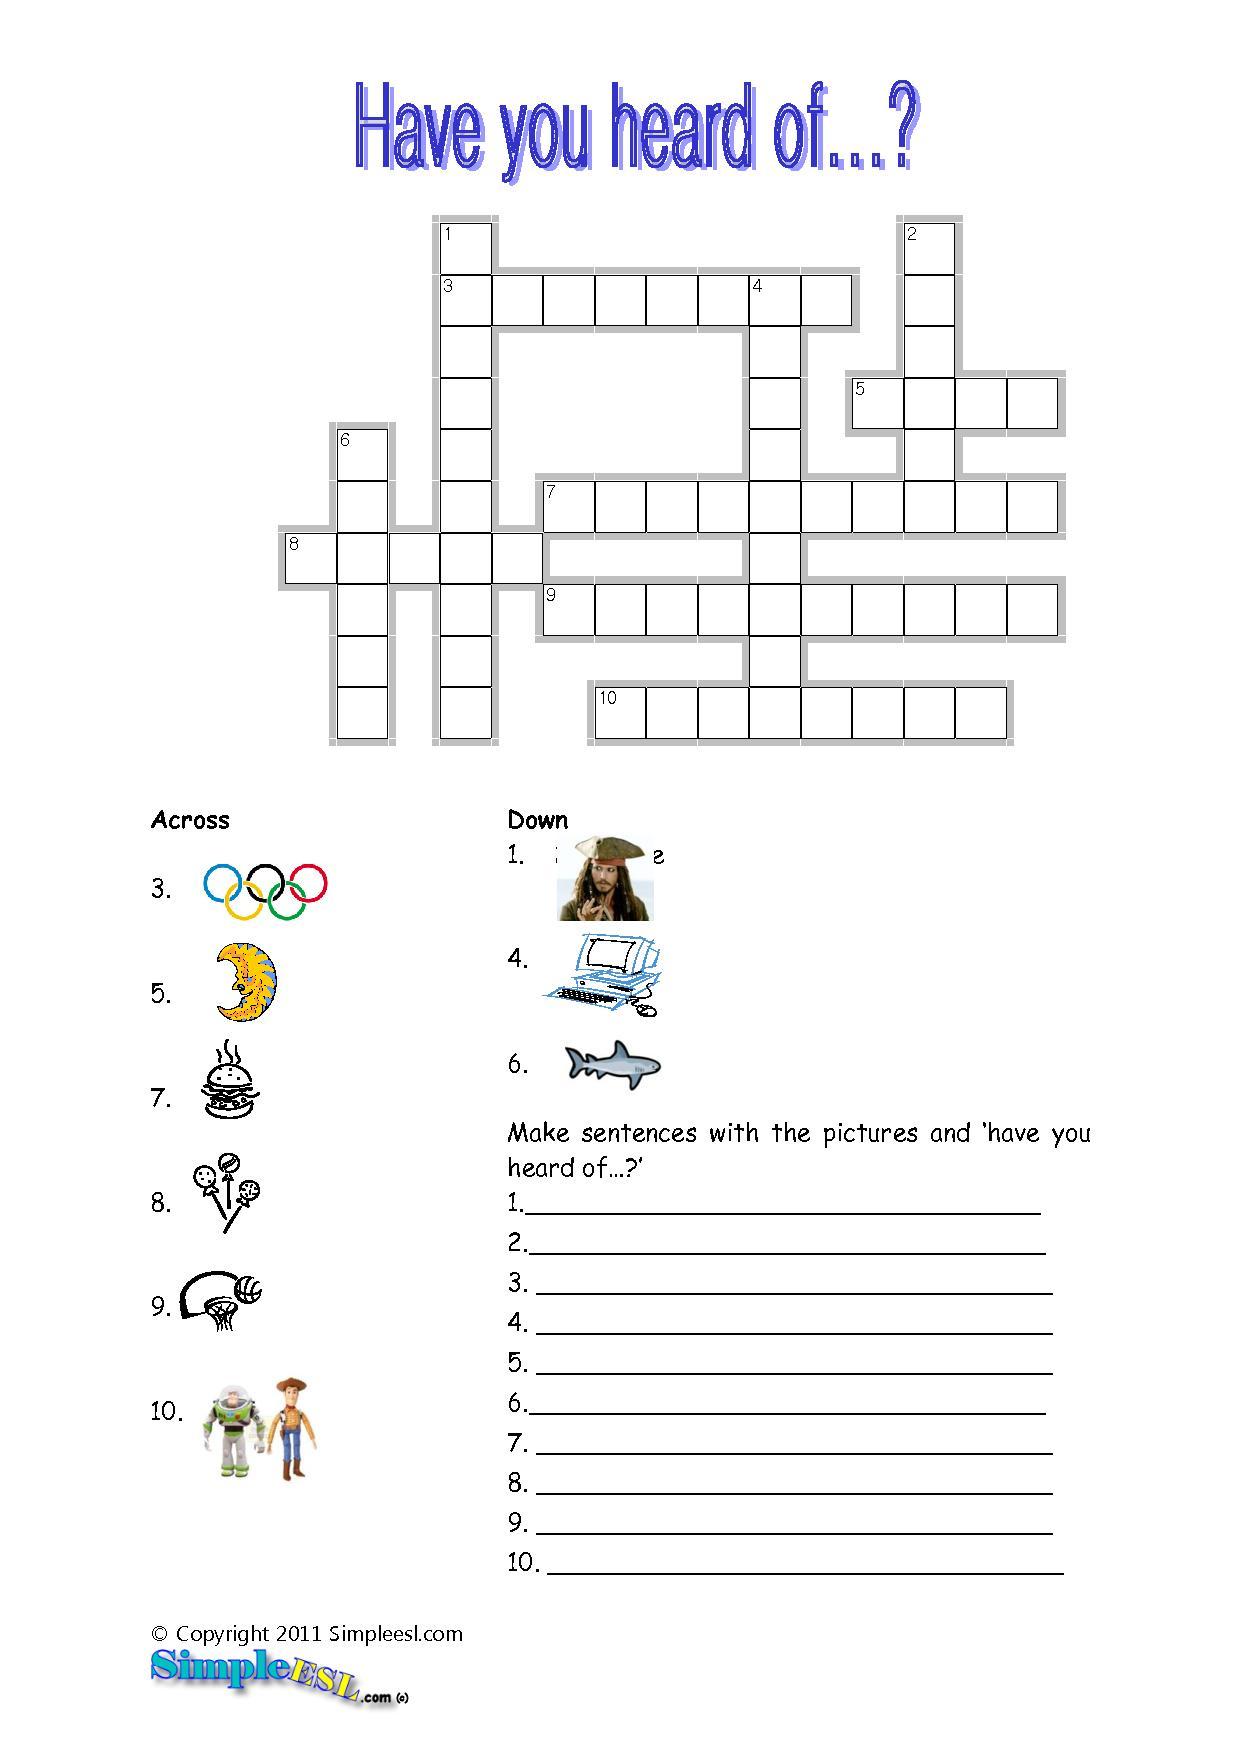 15 Best Photos Of Esl Printable Worksheets Crossword - Printable - Printable Crossword Puzzle For Esl Students